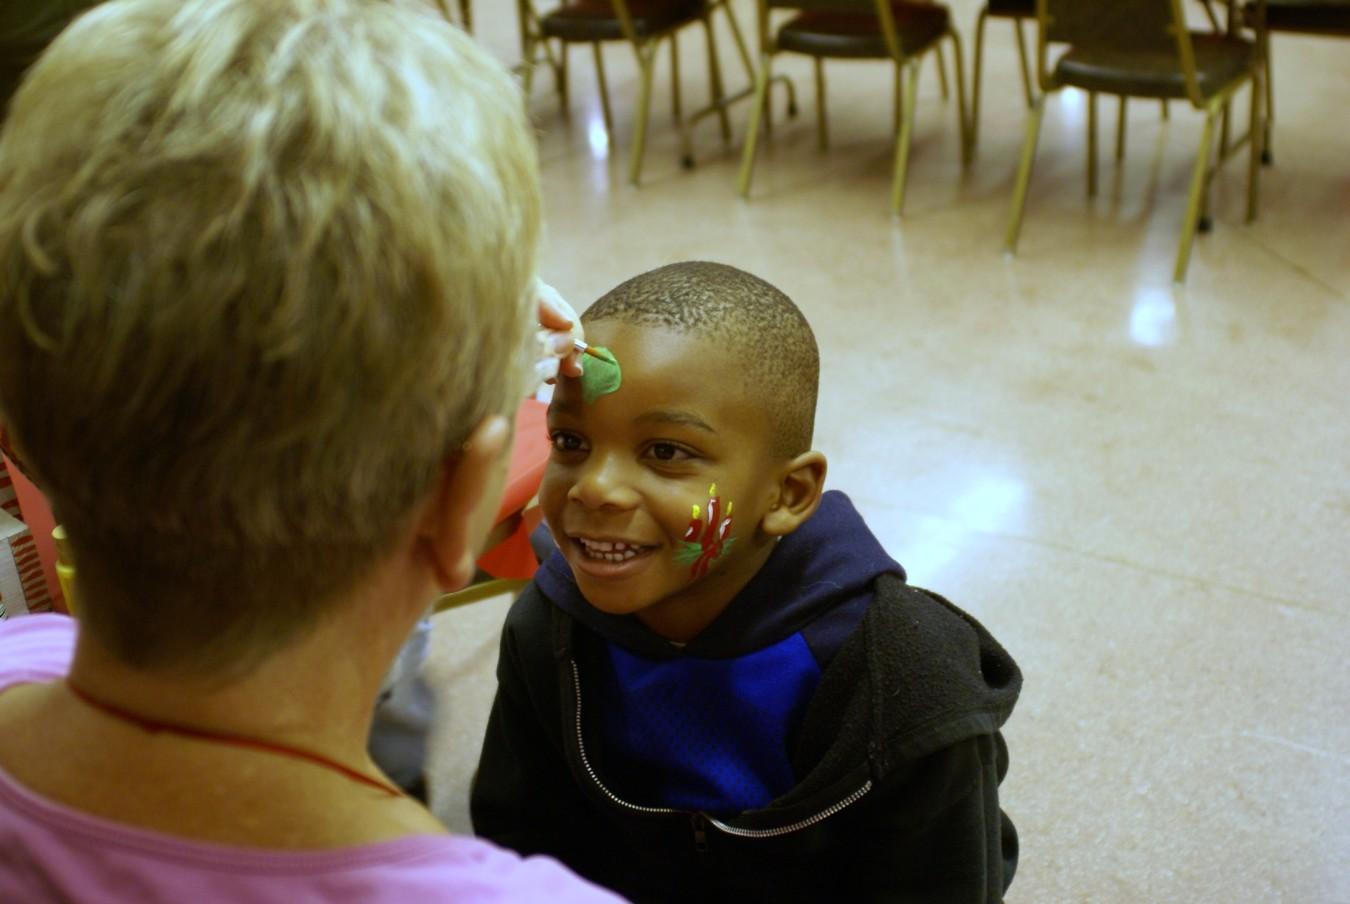 TSHA-Childrens-Christmas-party-2011-0311-e1448307623831